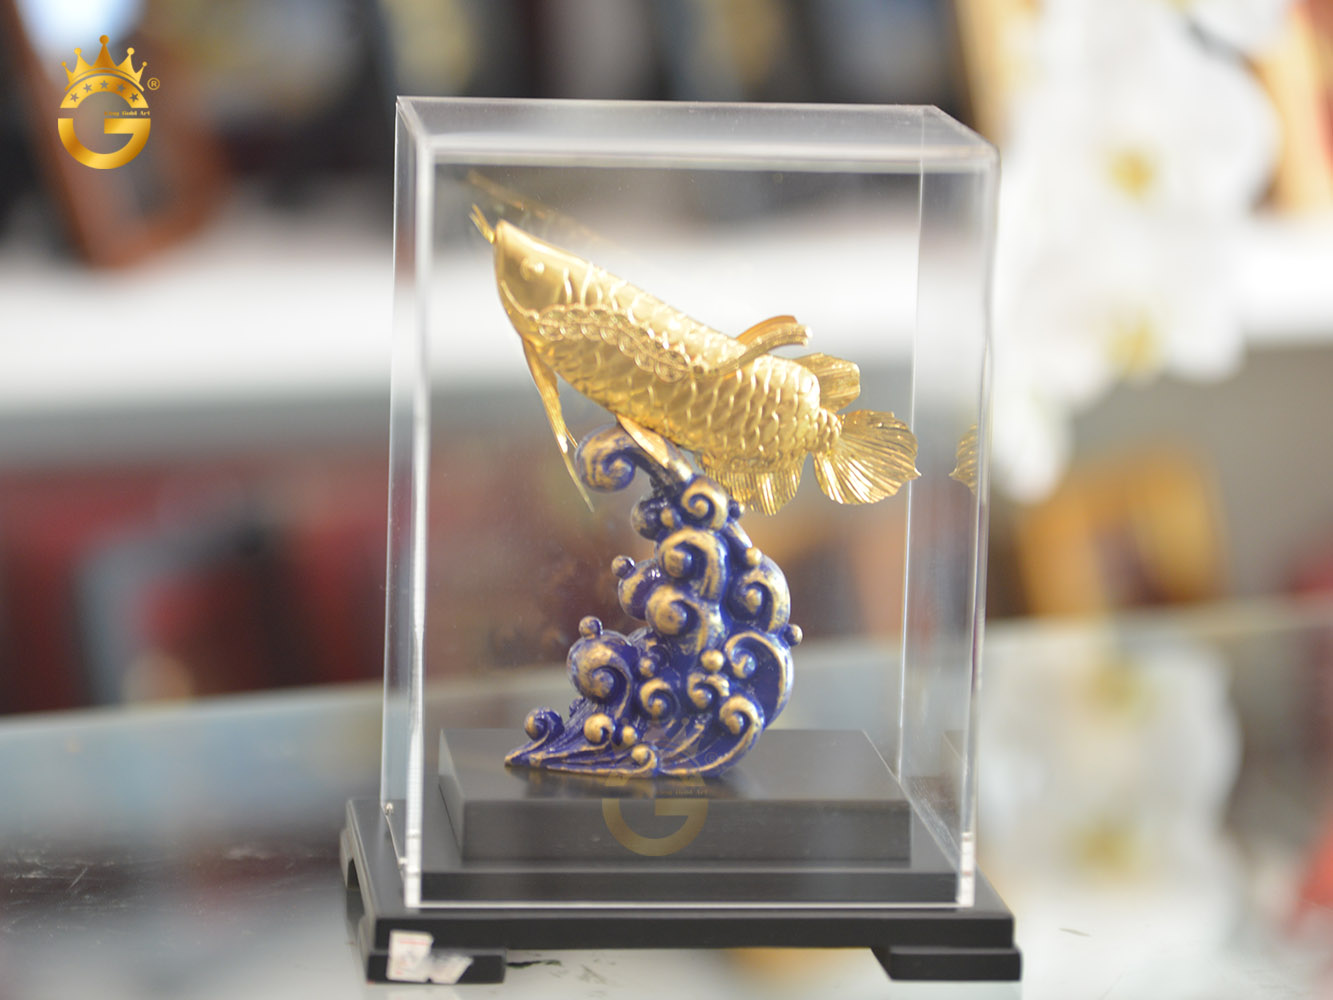 Quà vàng cao cấp, tượng cá rồng mạ vàng 24k đẹp lung linh